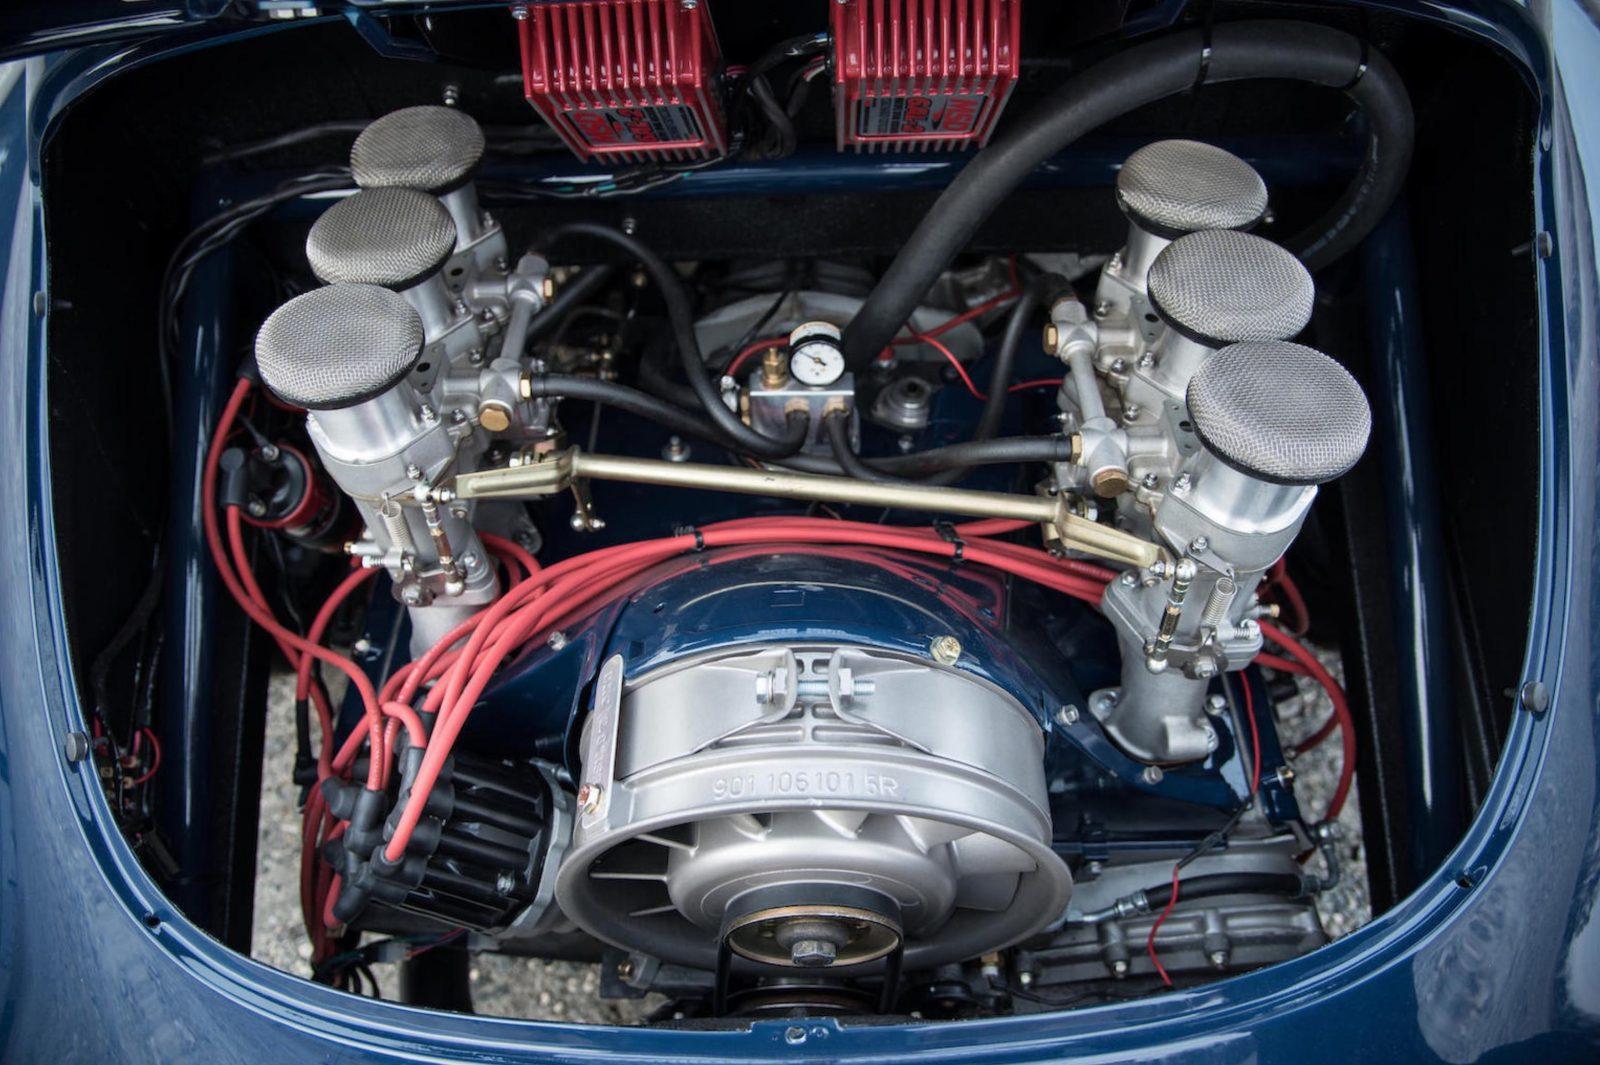 Porsche 356 Outlaw >> A Mighty 236 HP - 2.8 Liter Flat-6 - 1964 Porsche 356 Outlaw